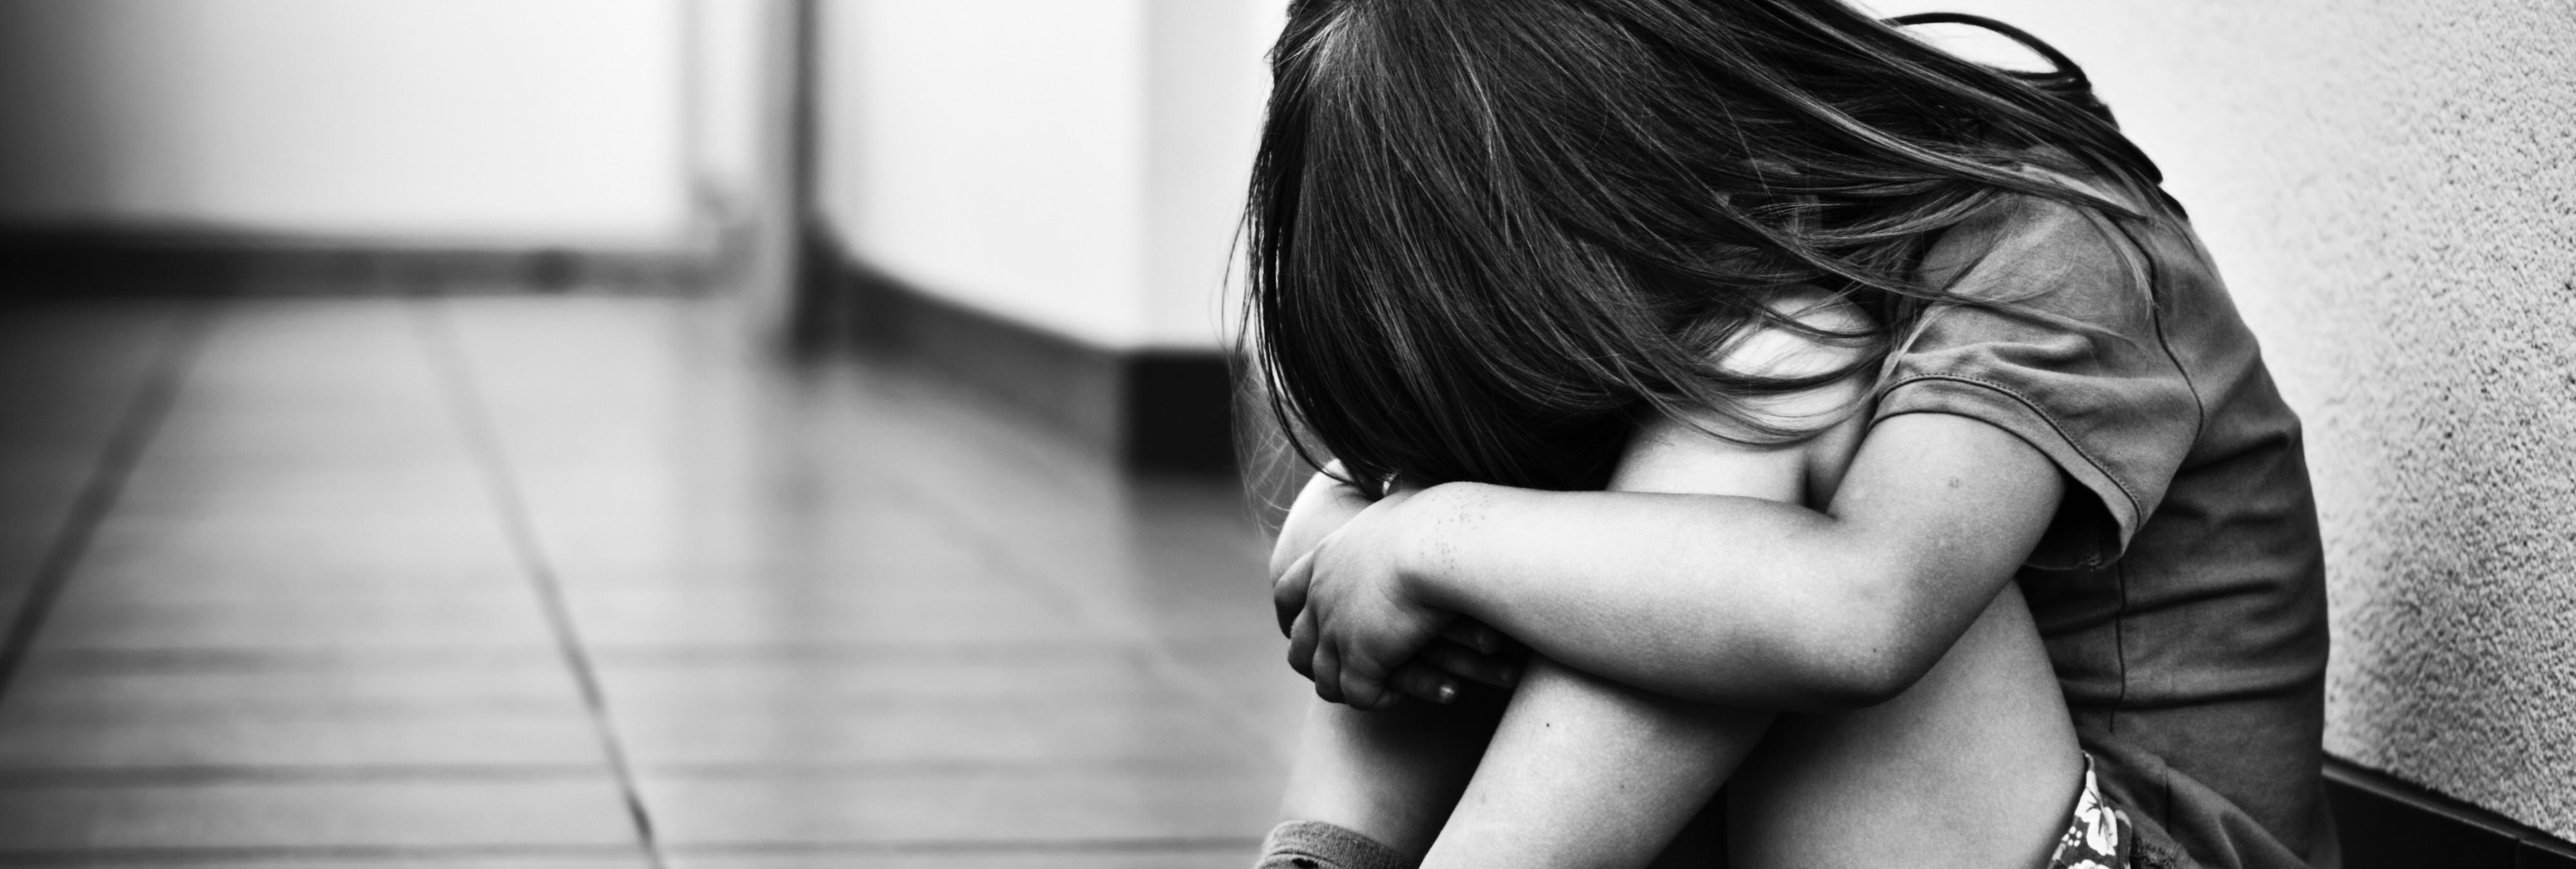 Un niño de trece años viola a su hermana de cuatro